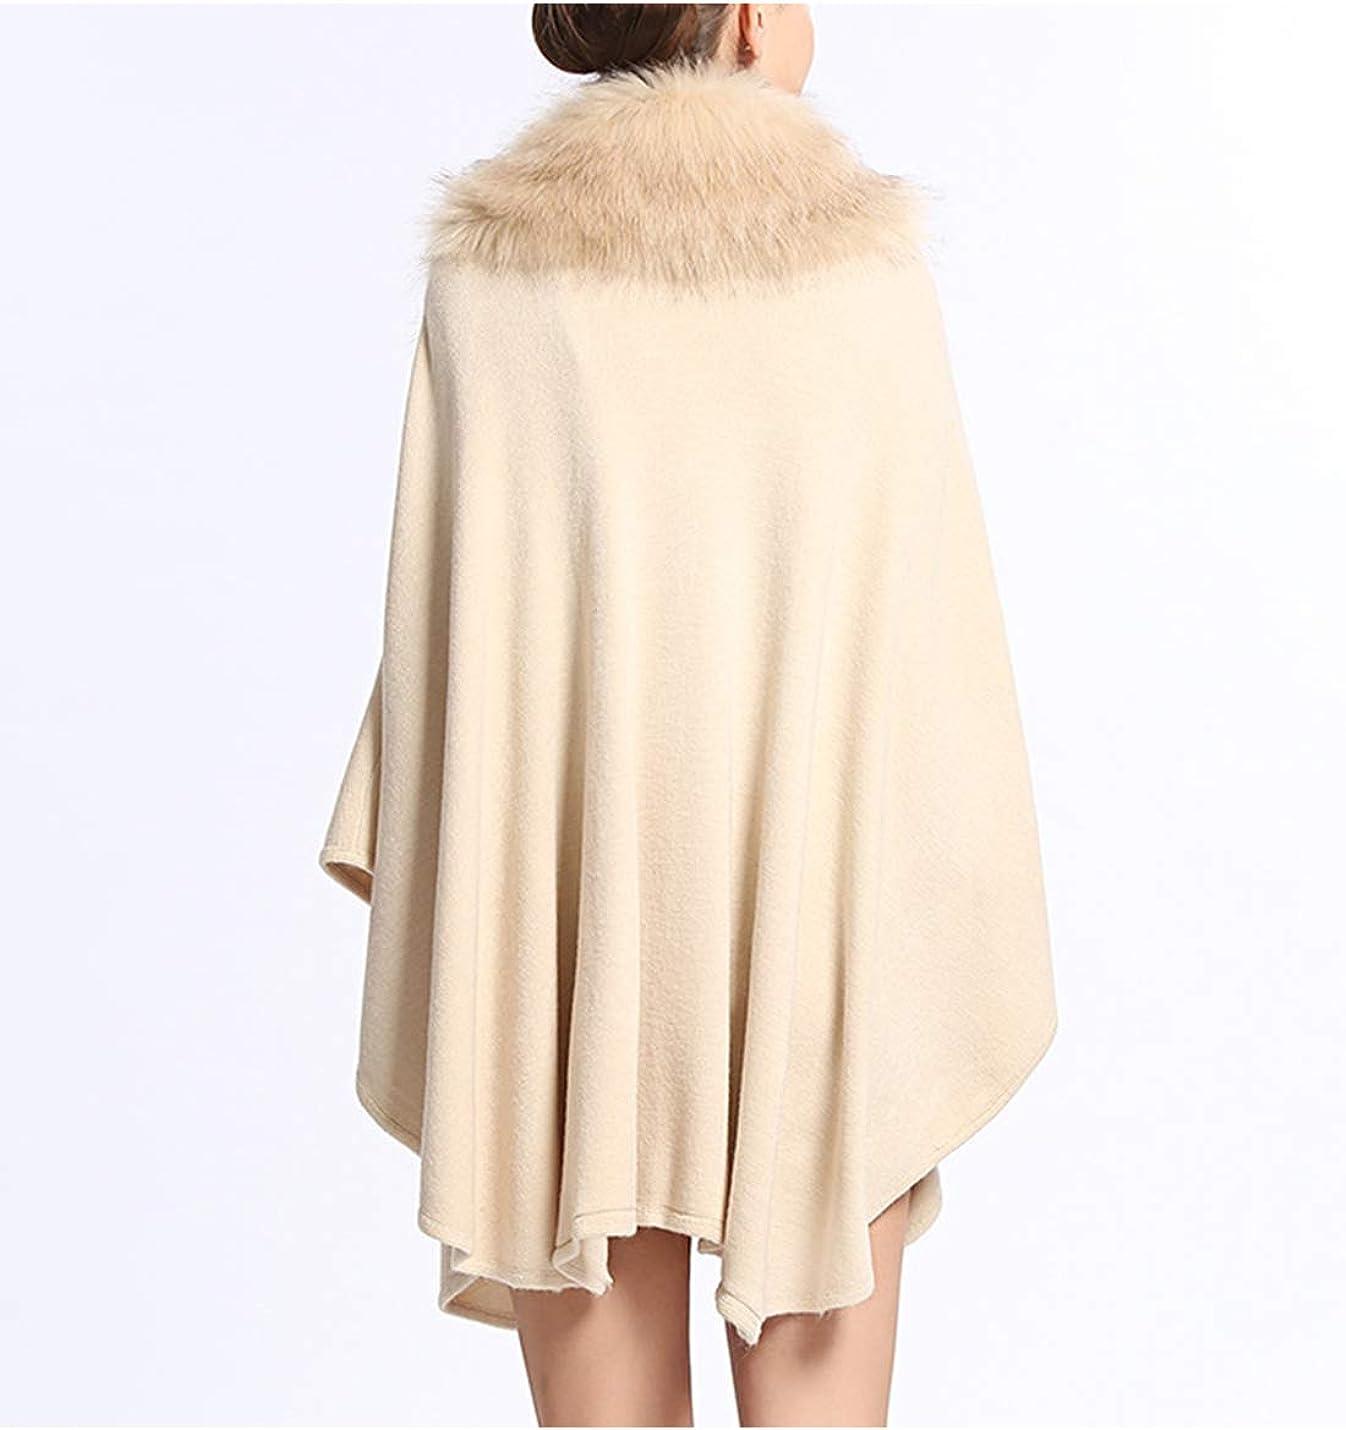 Gihuo Women's Warm Faux Fur Cape Coat Cloak Poncho